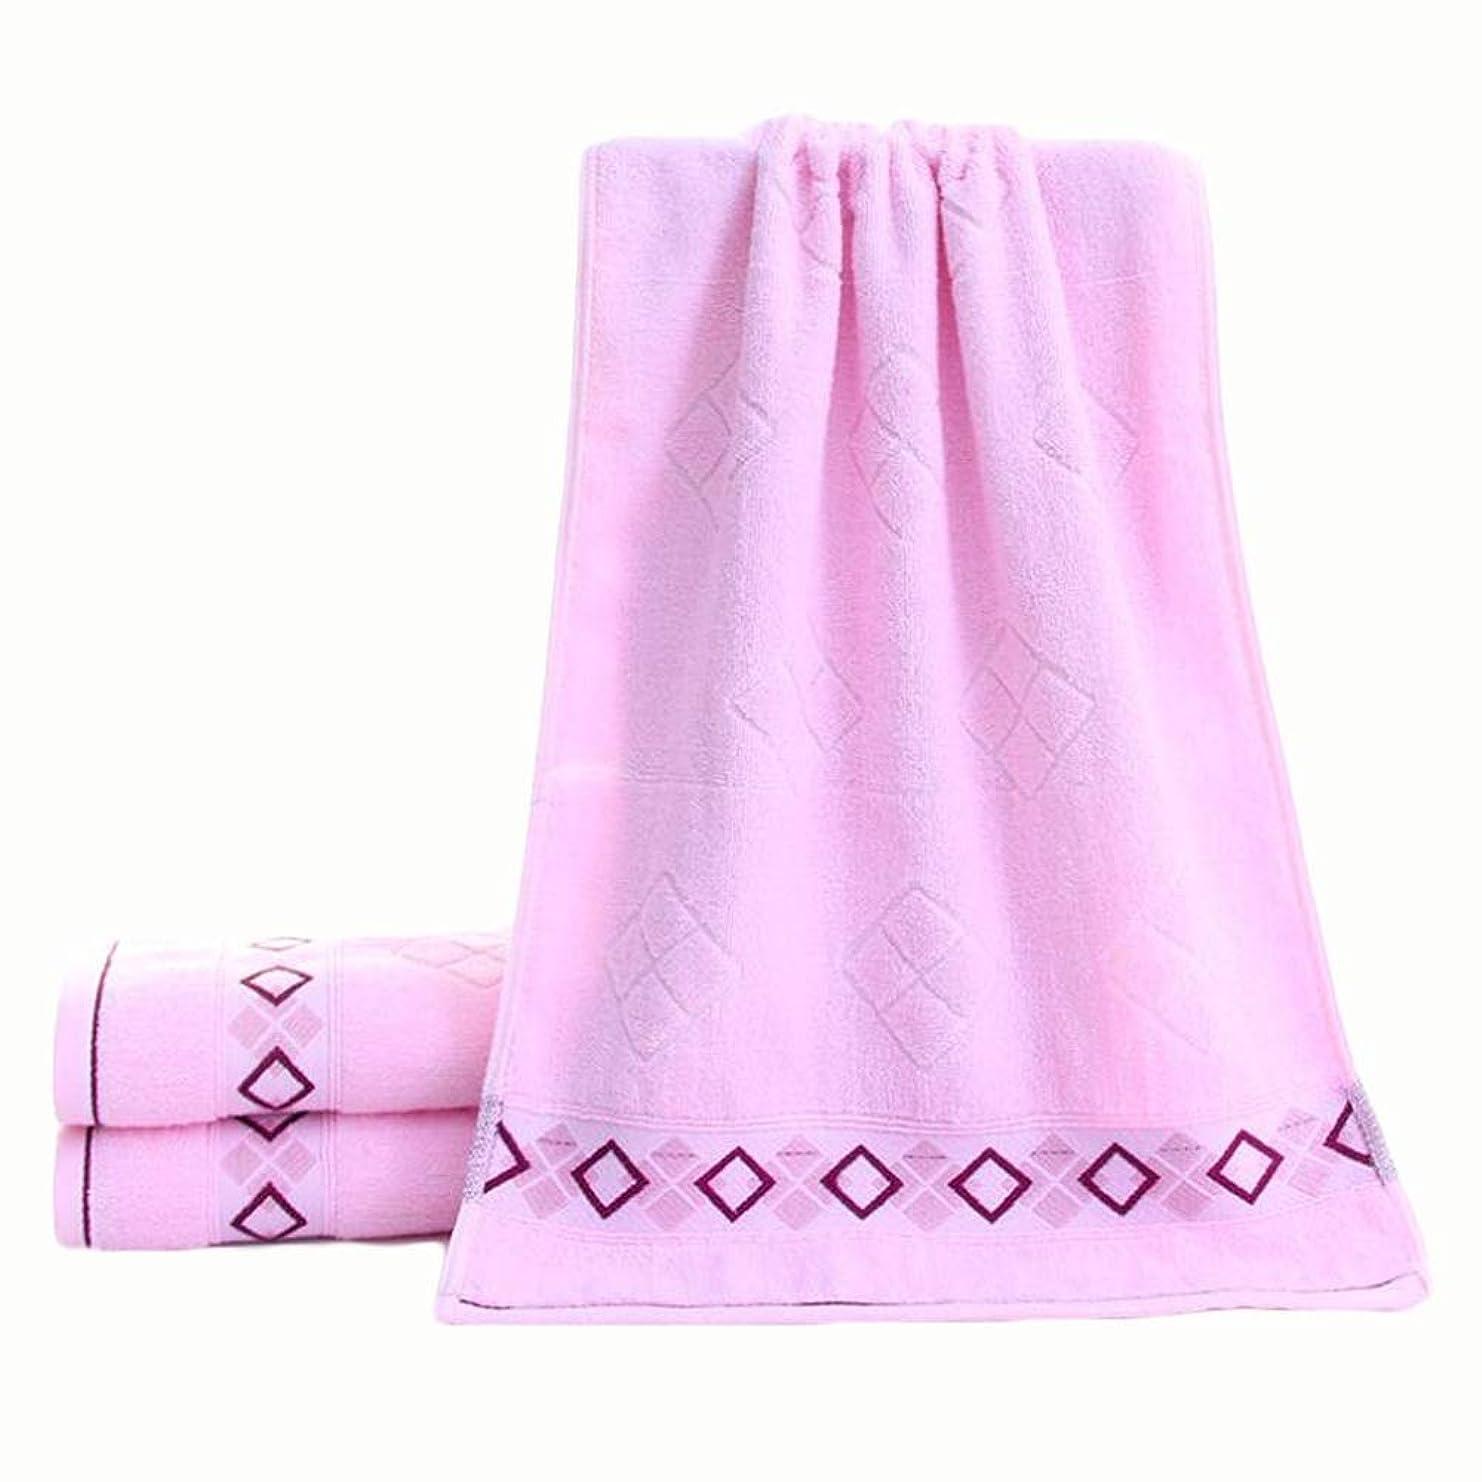 微弱逃す起きているCXUNKK 2PCS / LOT濃厚吸収性ソフトコットンタオル (Color : Pink)